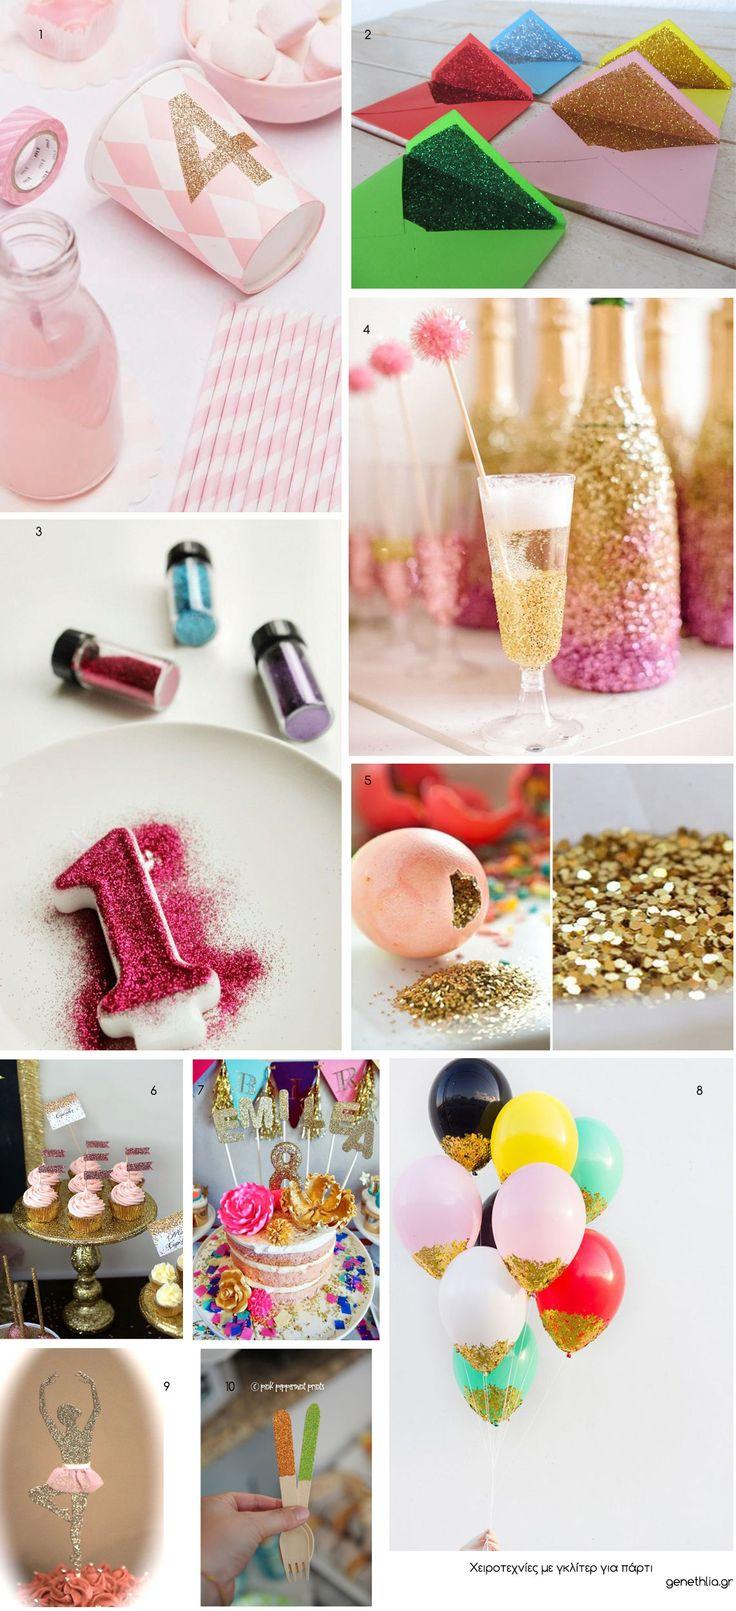 χειροτεχνιες με γκλιτερ - glitter party ideas